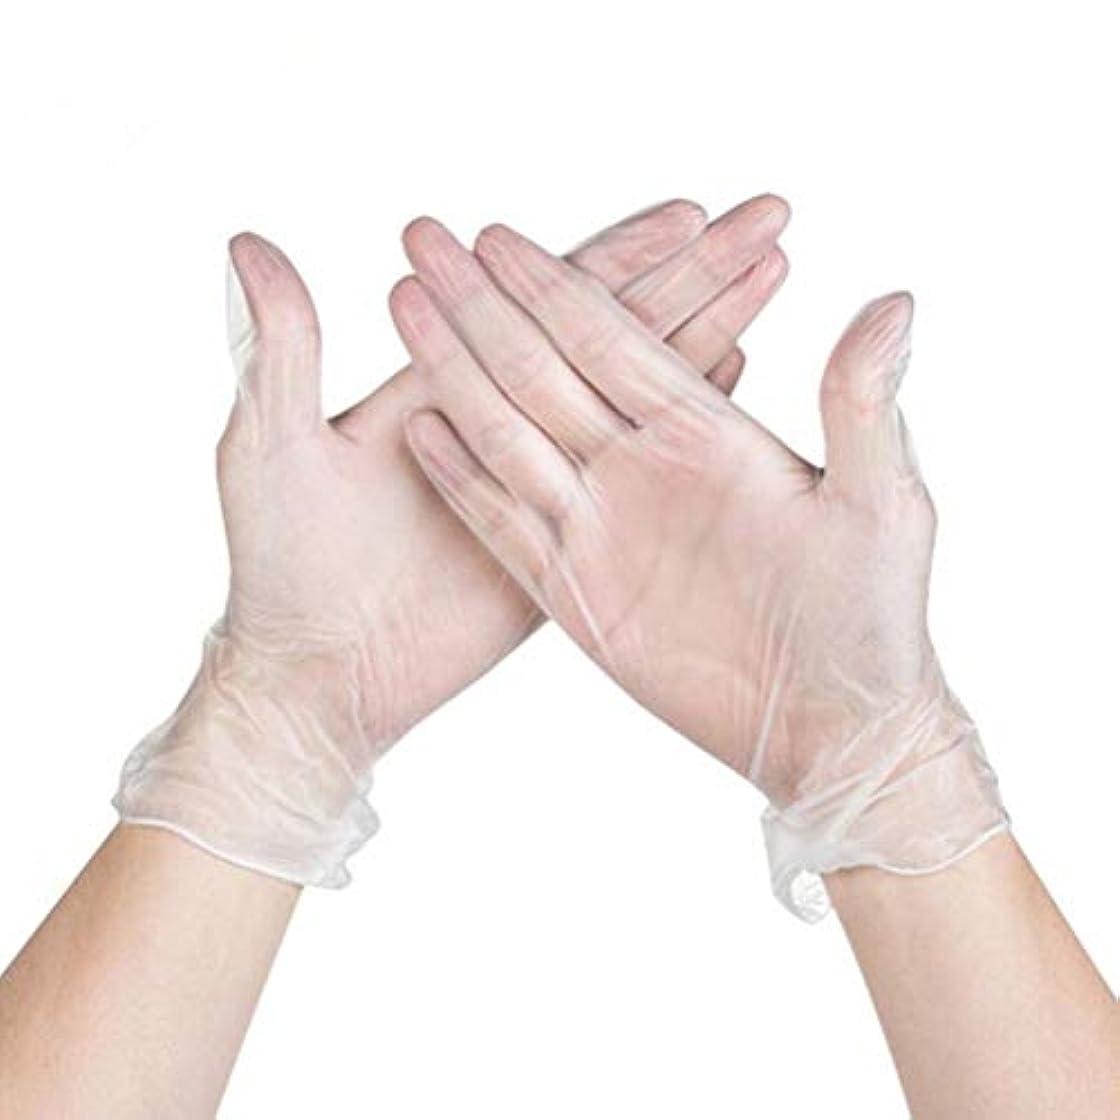 リビジョン焦がすフラフープUPKOCH 透明使い捨てタトゥー手袋ニトリル手袋メディカルクリーニングキッチン調理手袋1個